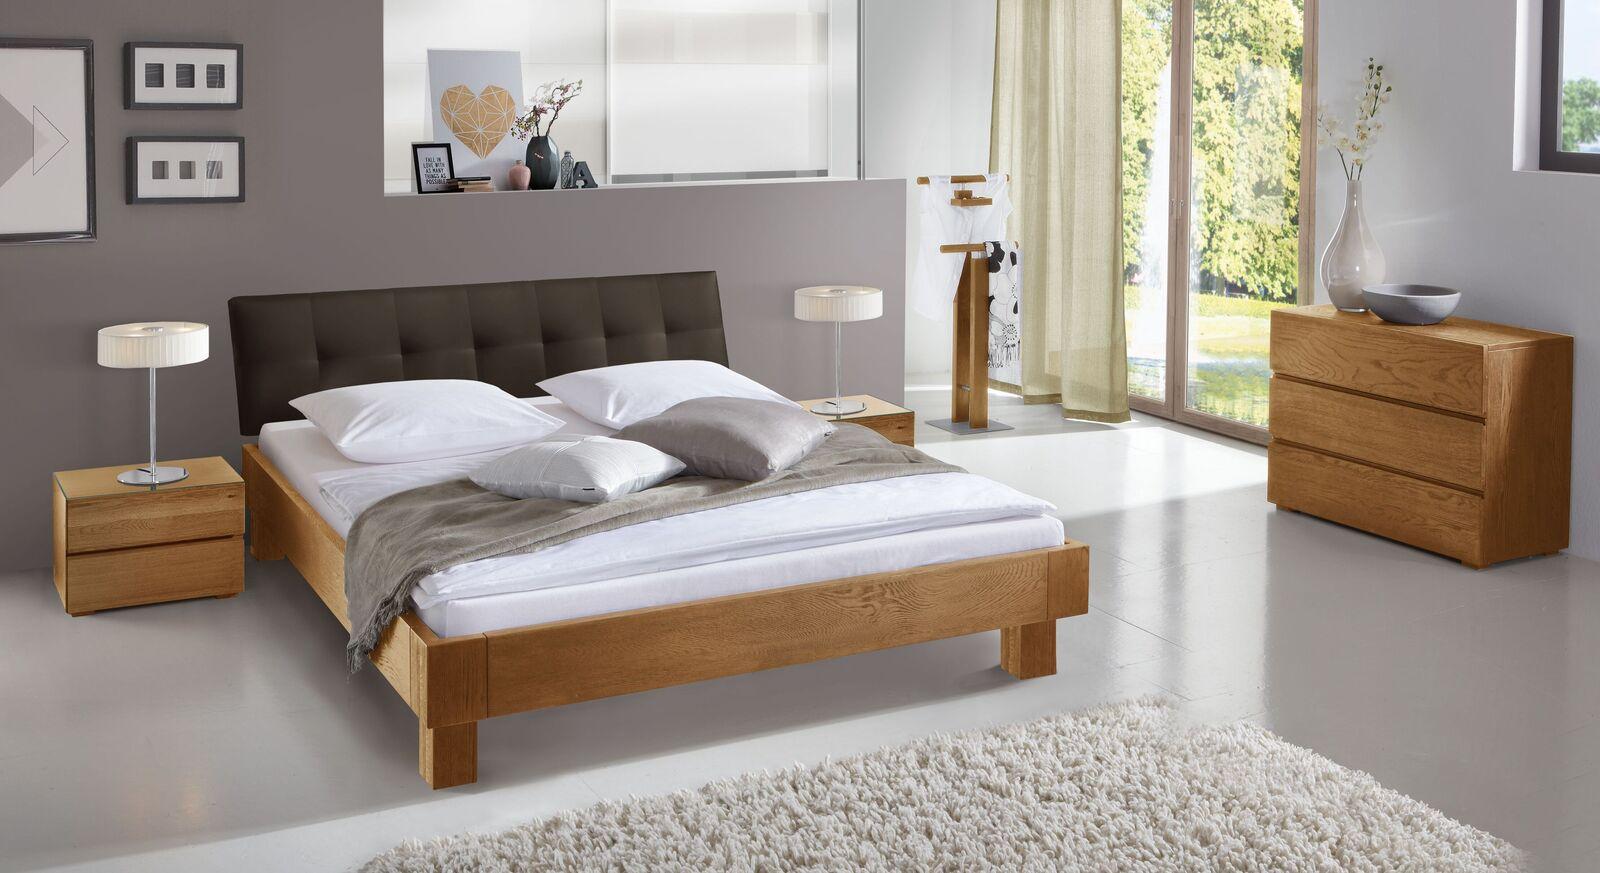 Passende Schlafzimmermöbel zum Bett Floriano